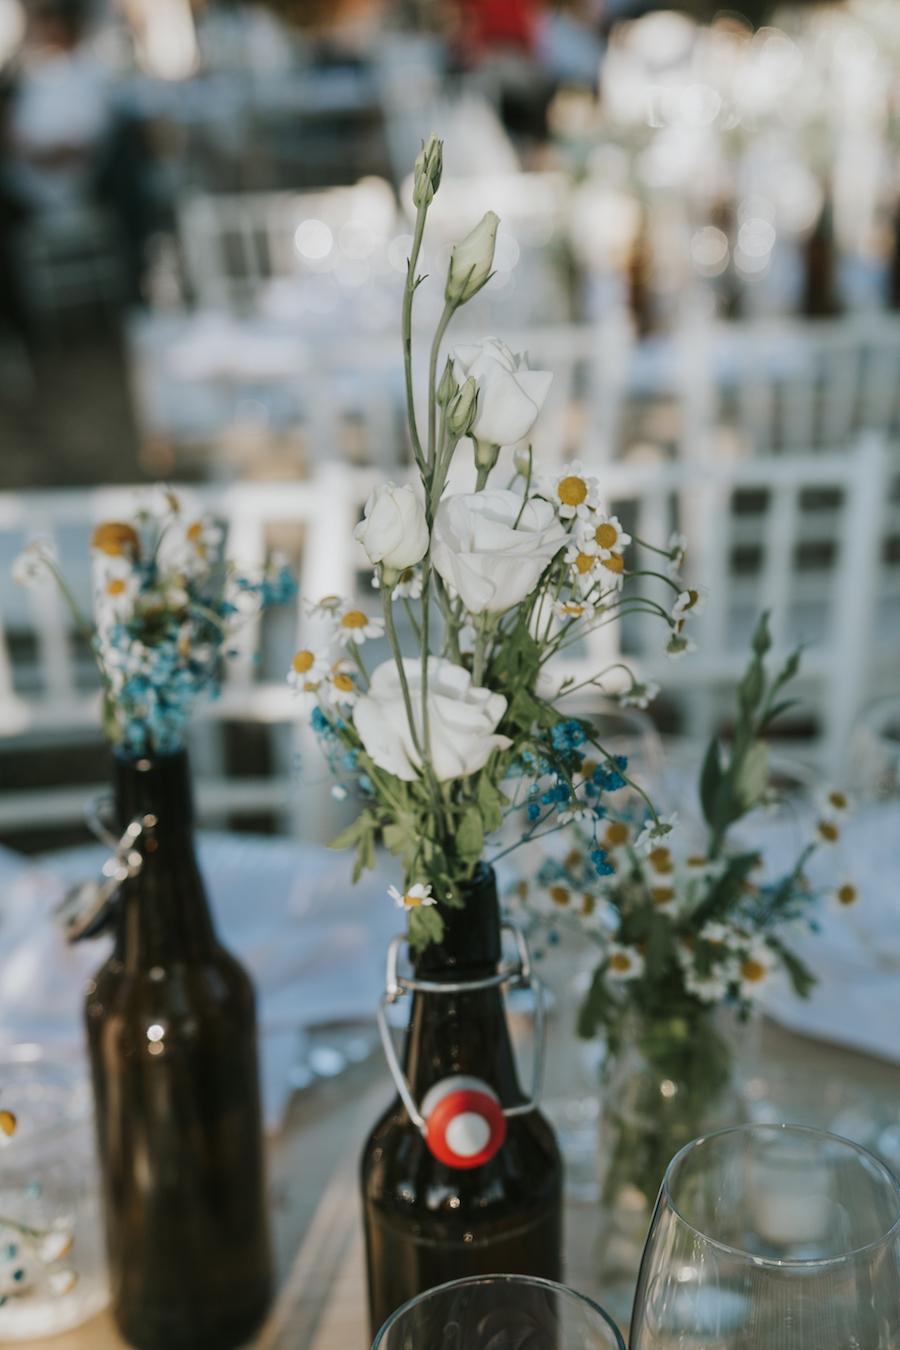 centrotavola con bottiglie e fiori di campo